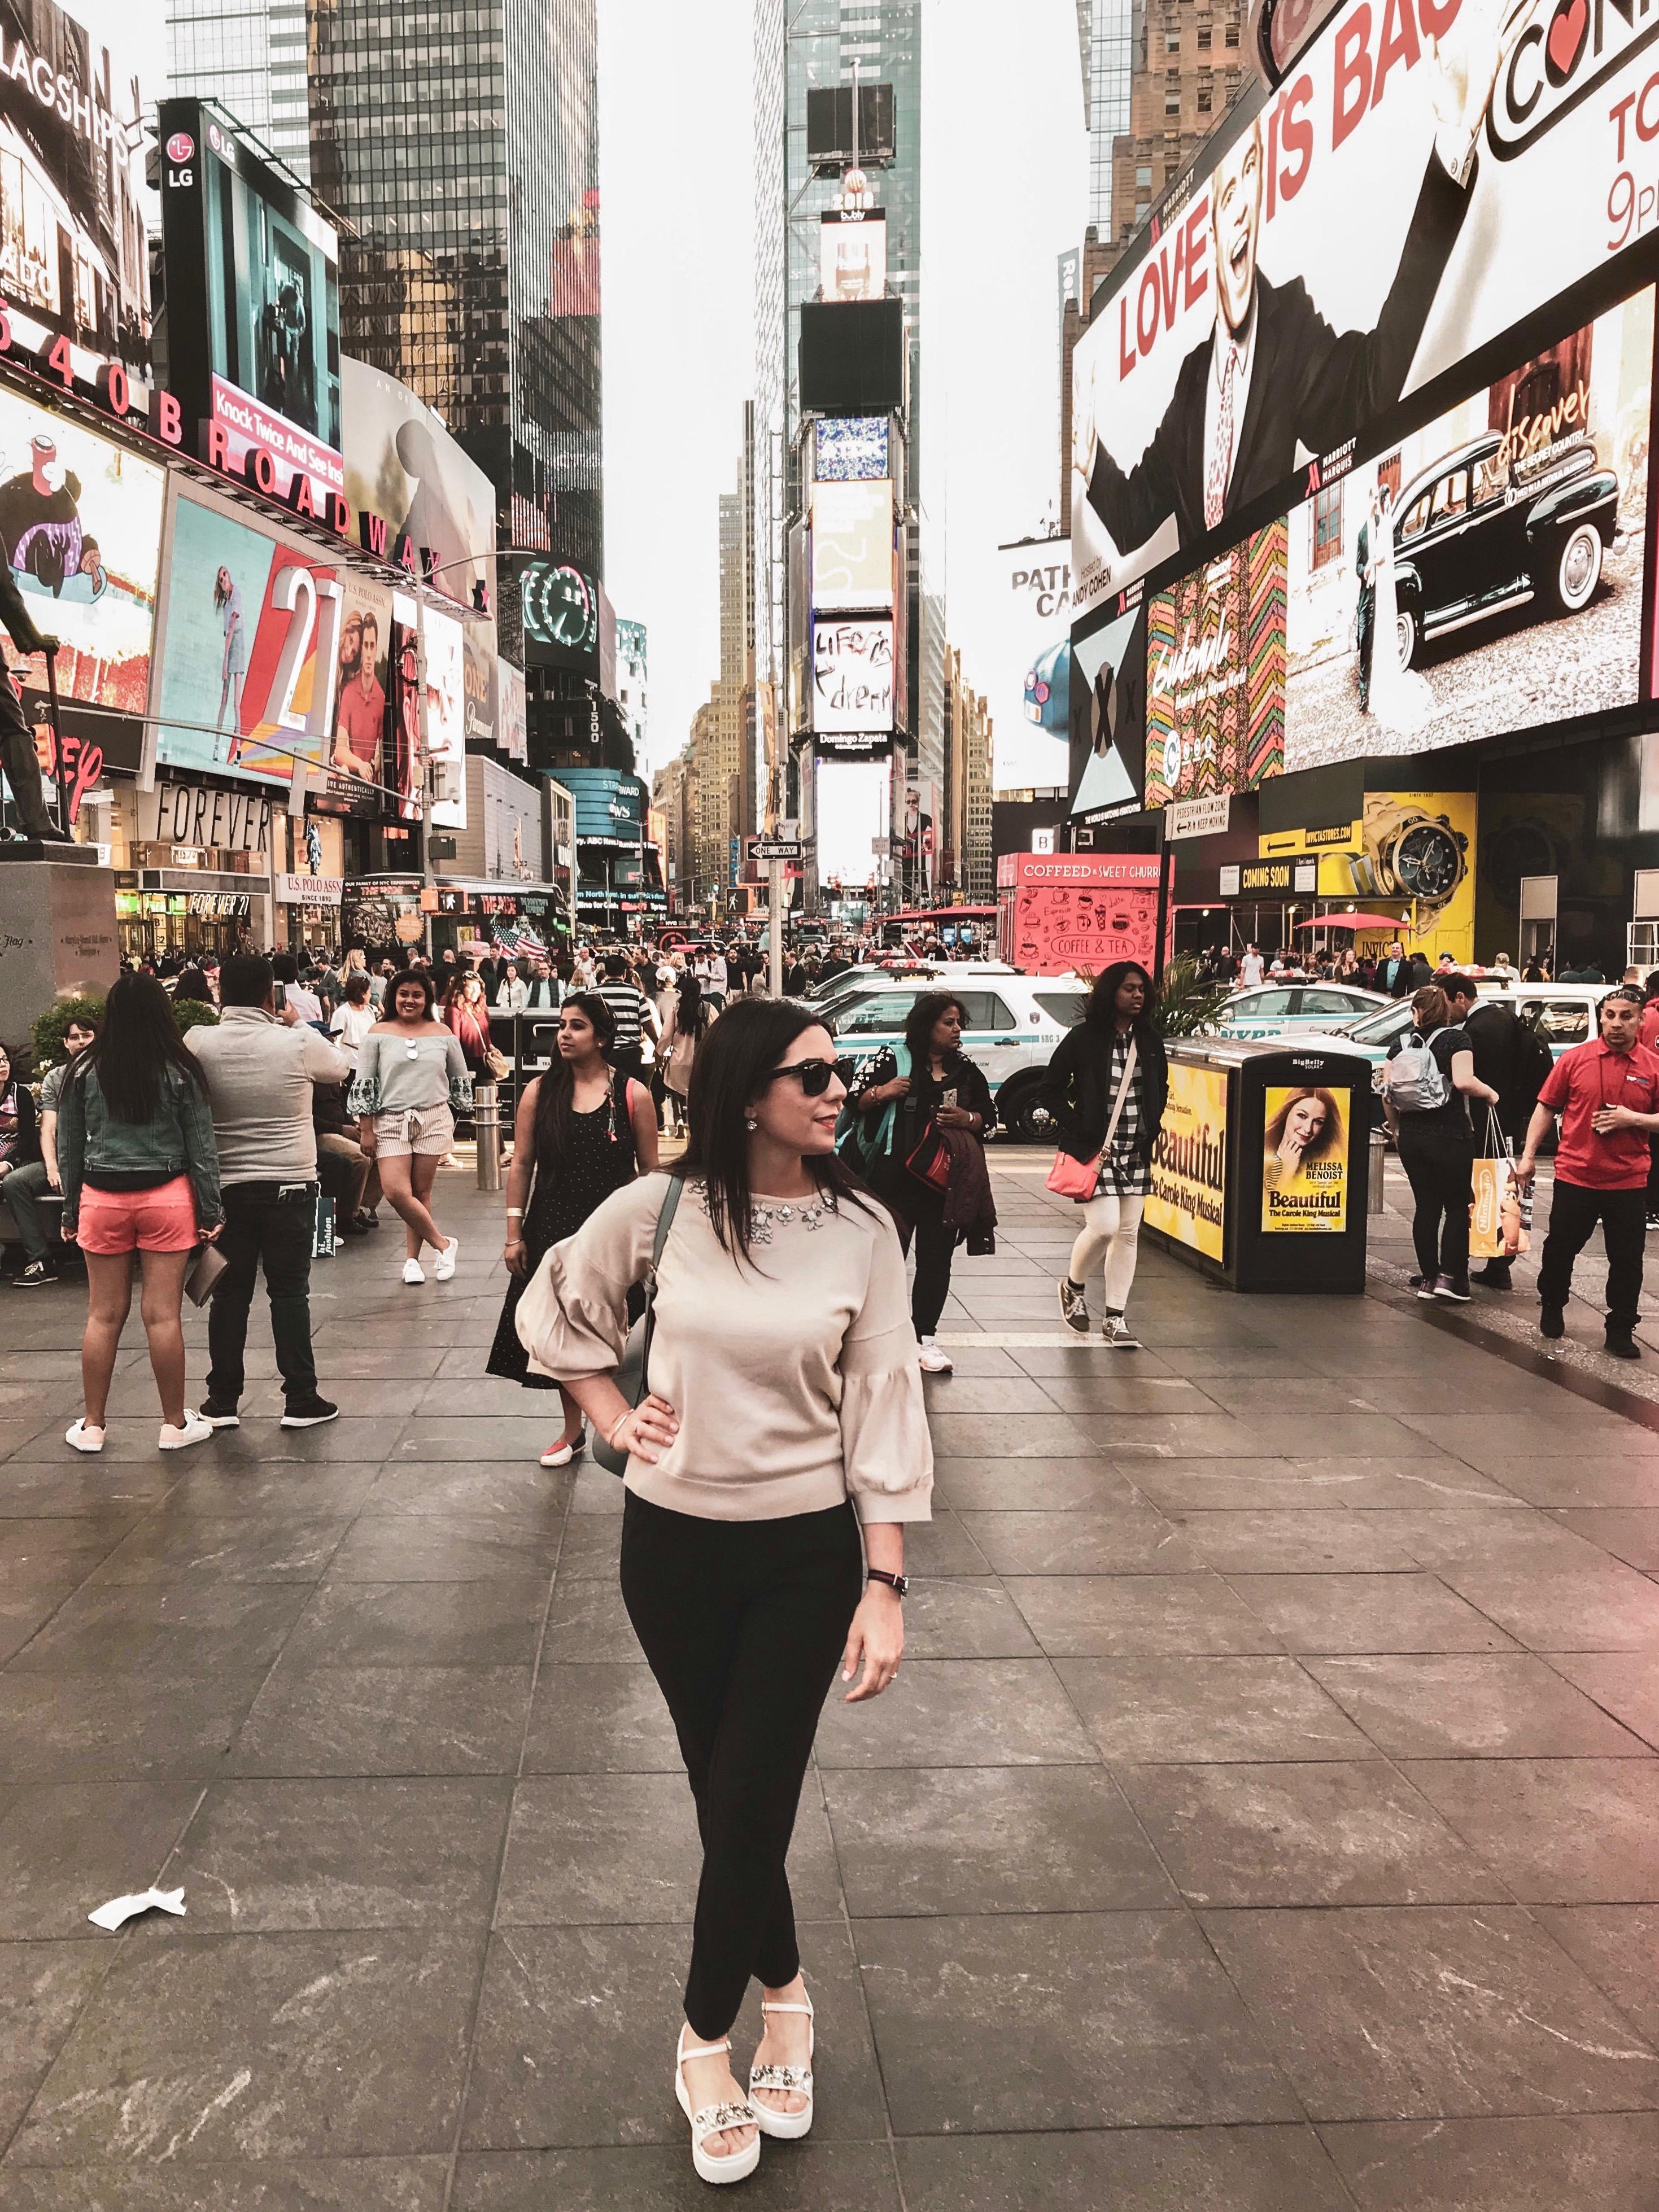 viaggio-a-new-york-city-times-square-stefania-ianniciello